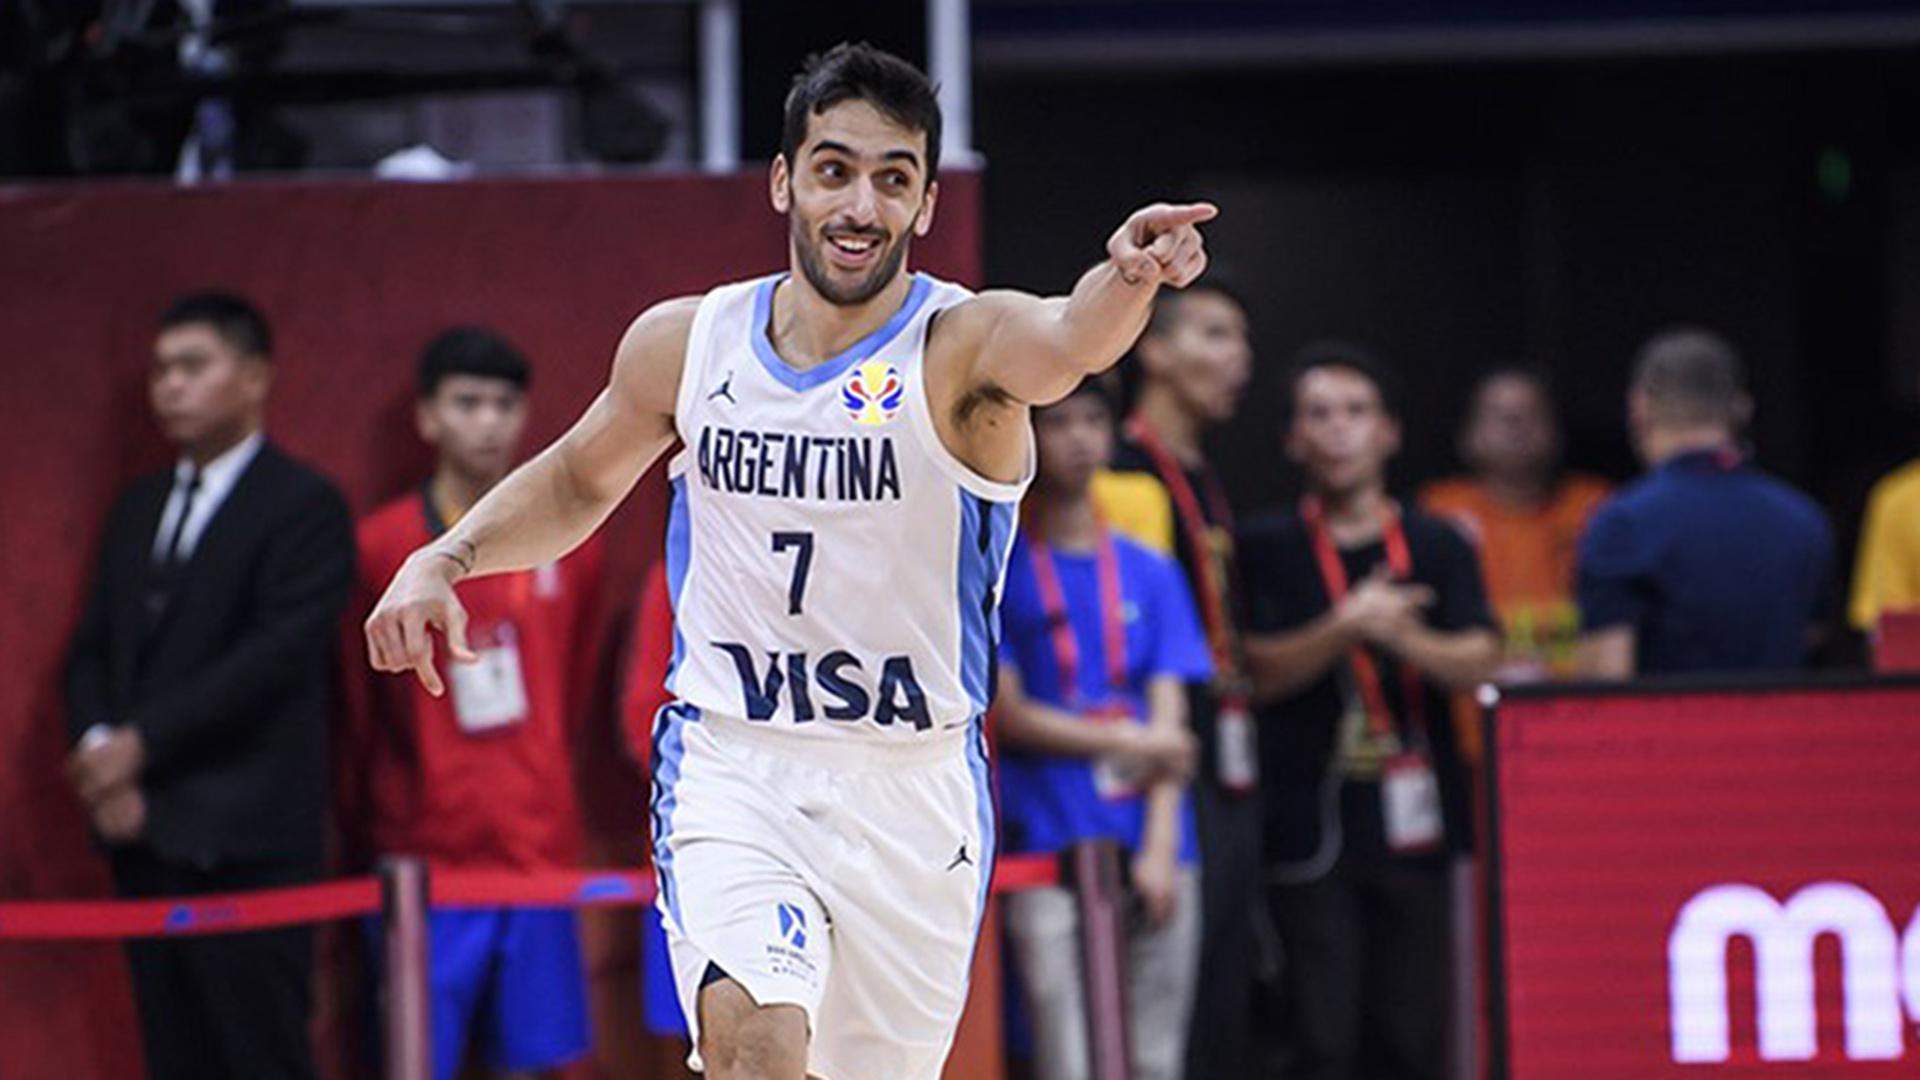 La asistencia magistral de Facundo Campazzo, el MVP de Argentina ante  Venezuela - Infobae